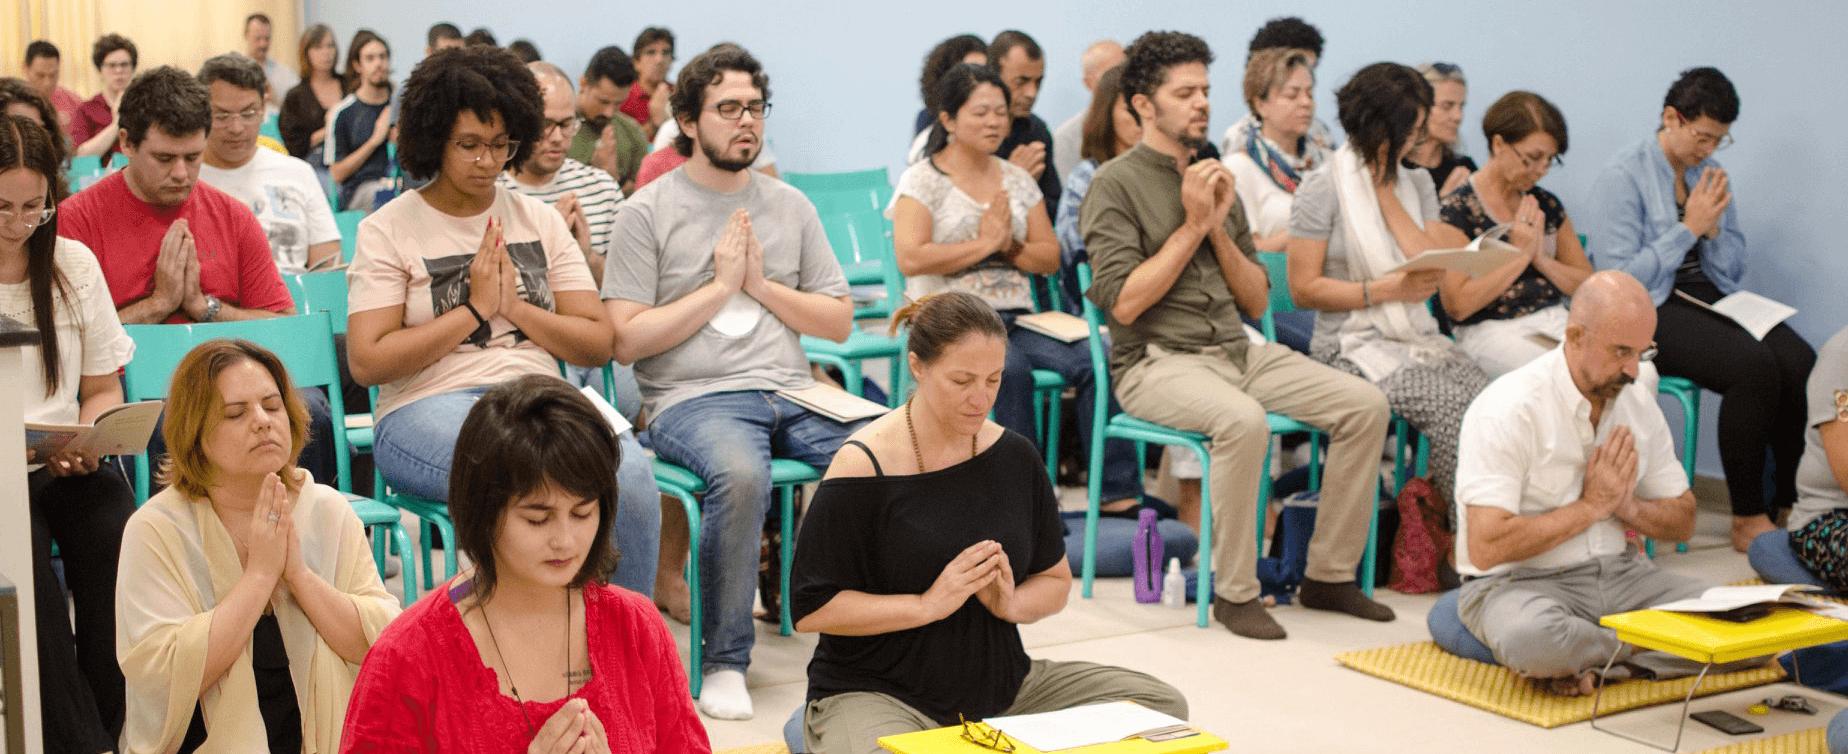 Encontre Seu Centro de Meditação Kadampa